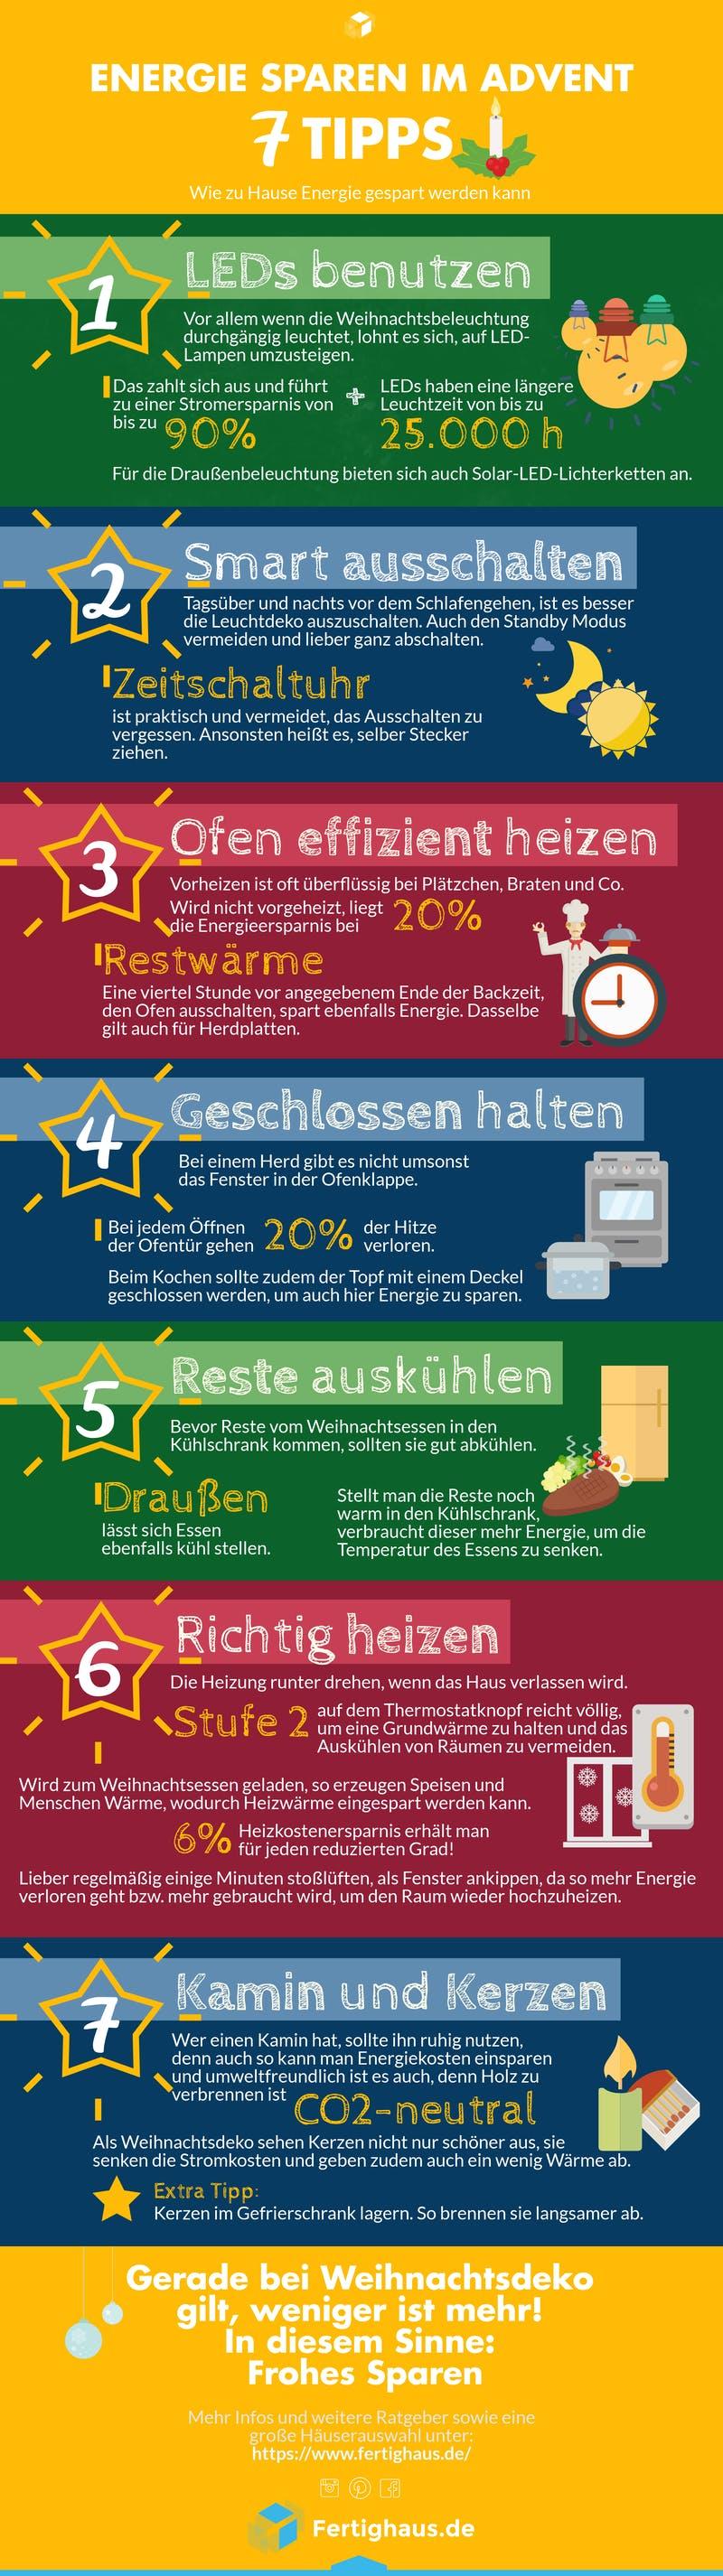 Infografik mit Tipps zum Energiesparen im Advent